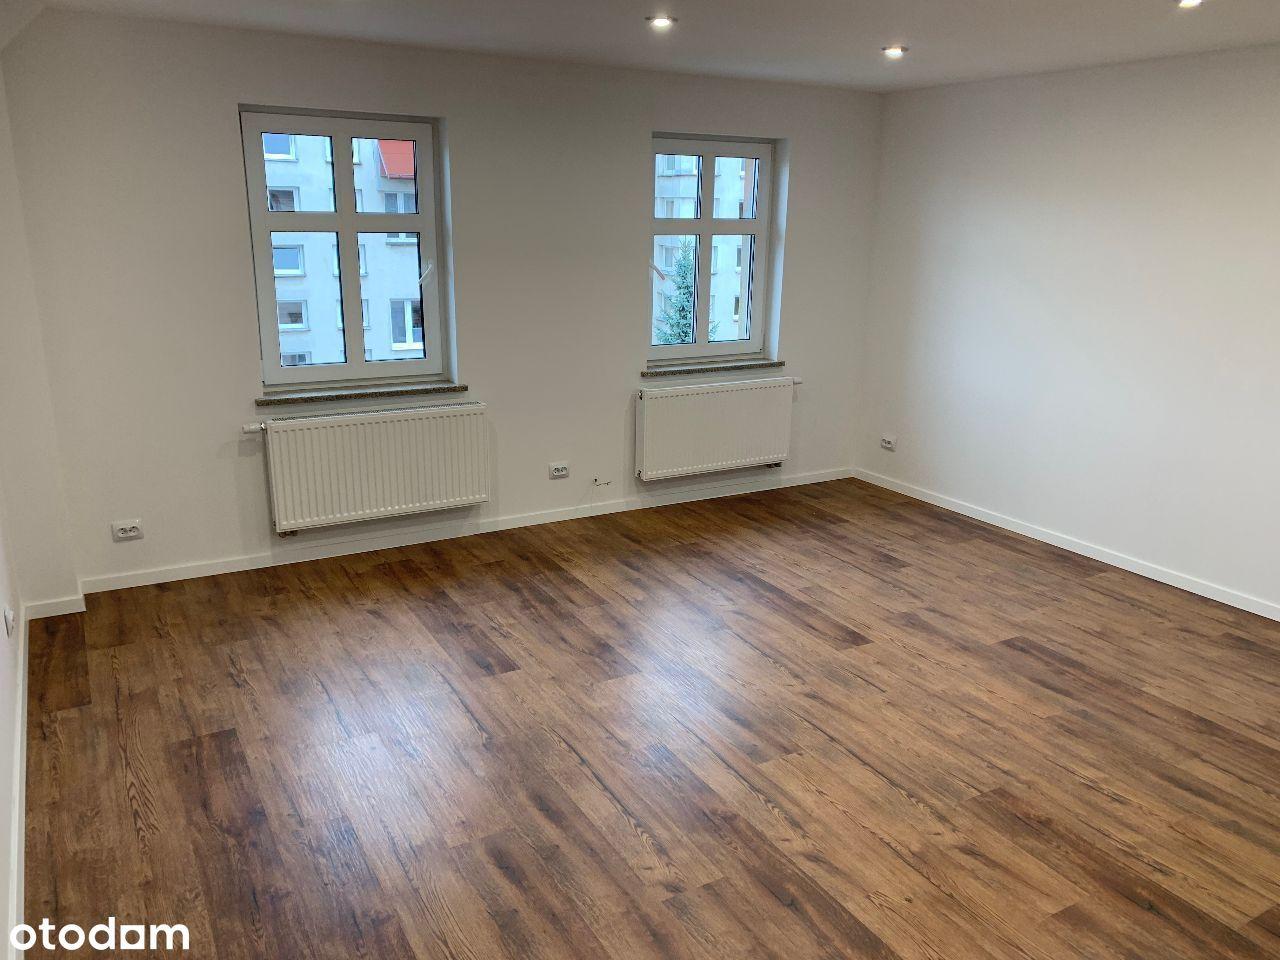 mieszkanie po kapitalnym remoncie 65 m2 w centrum